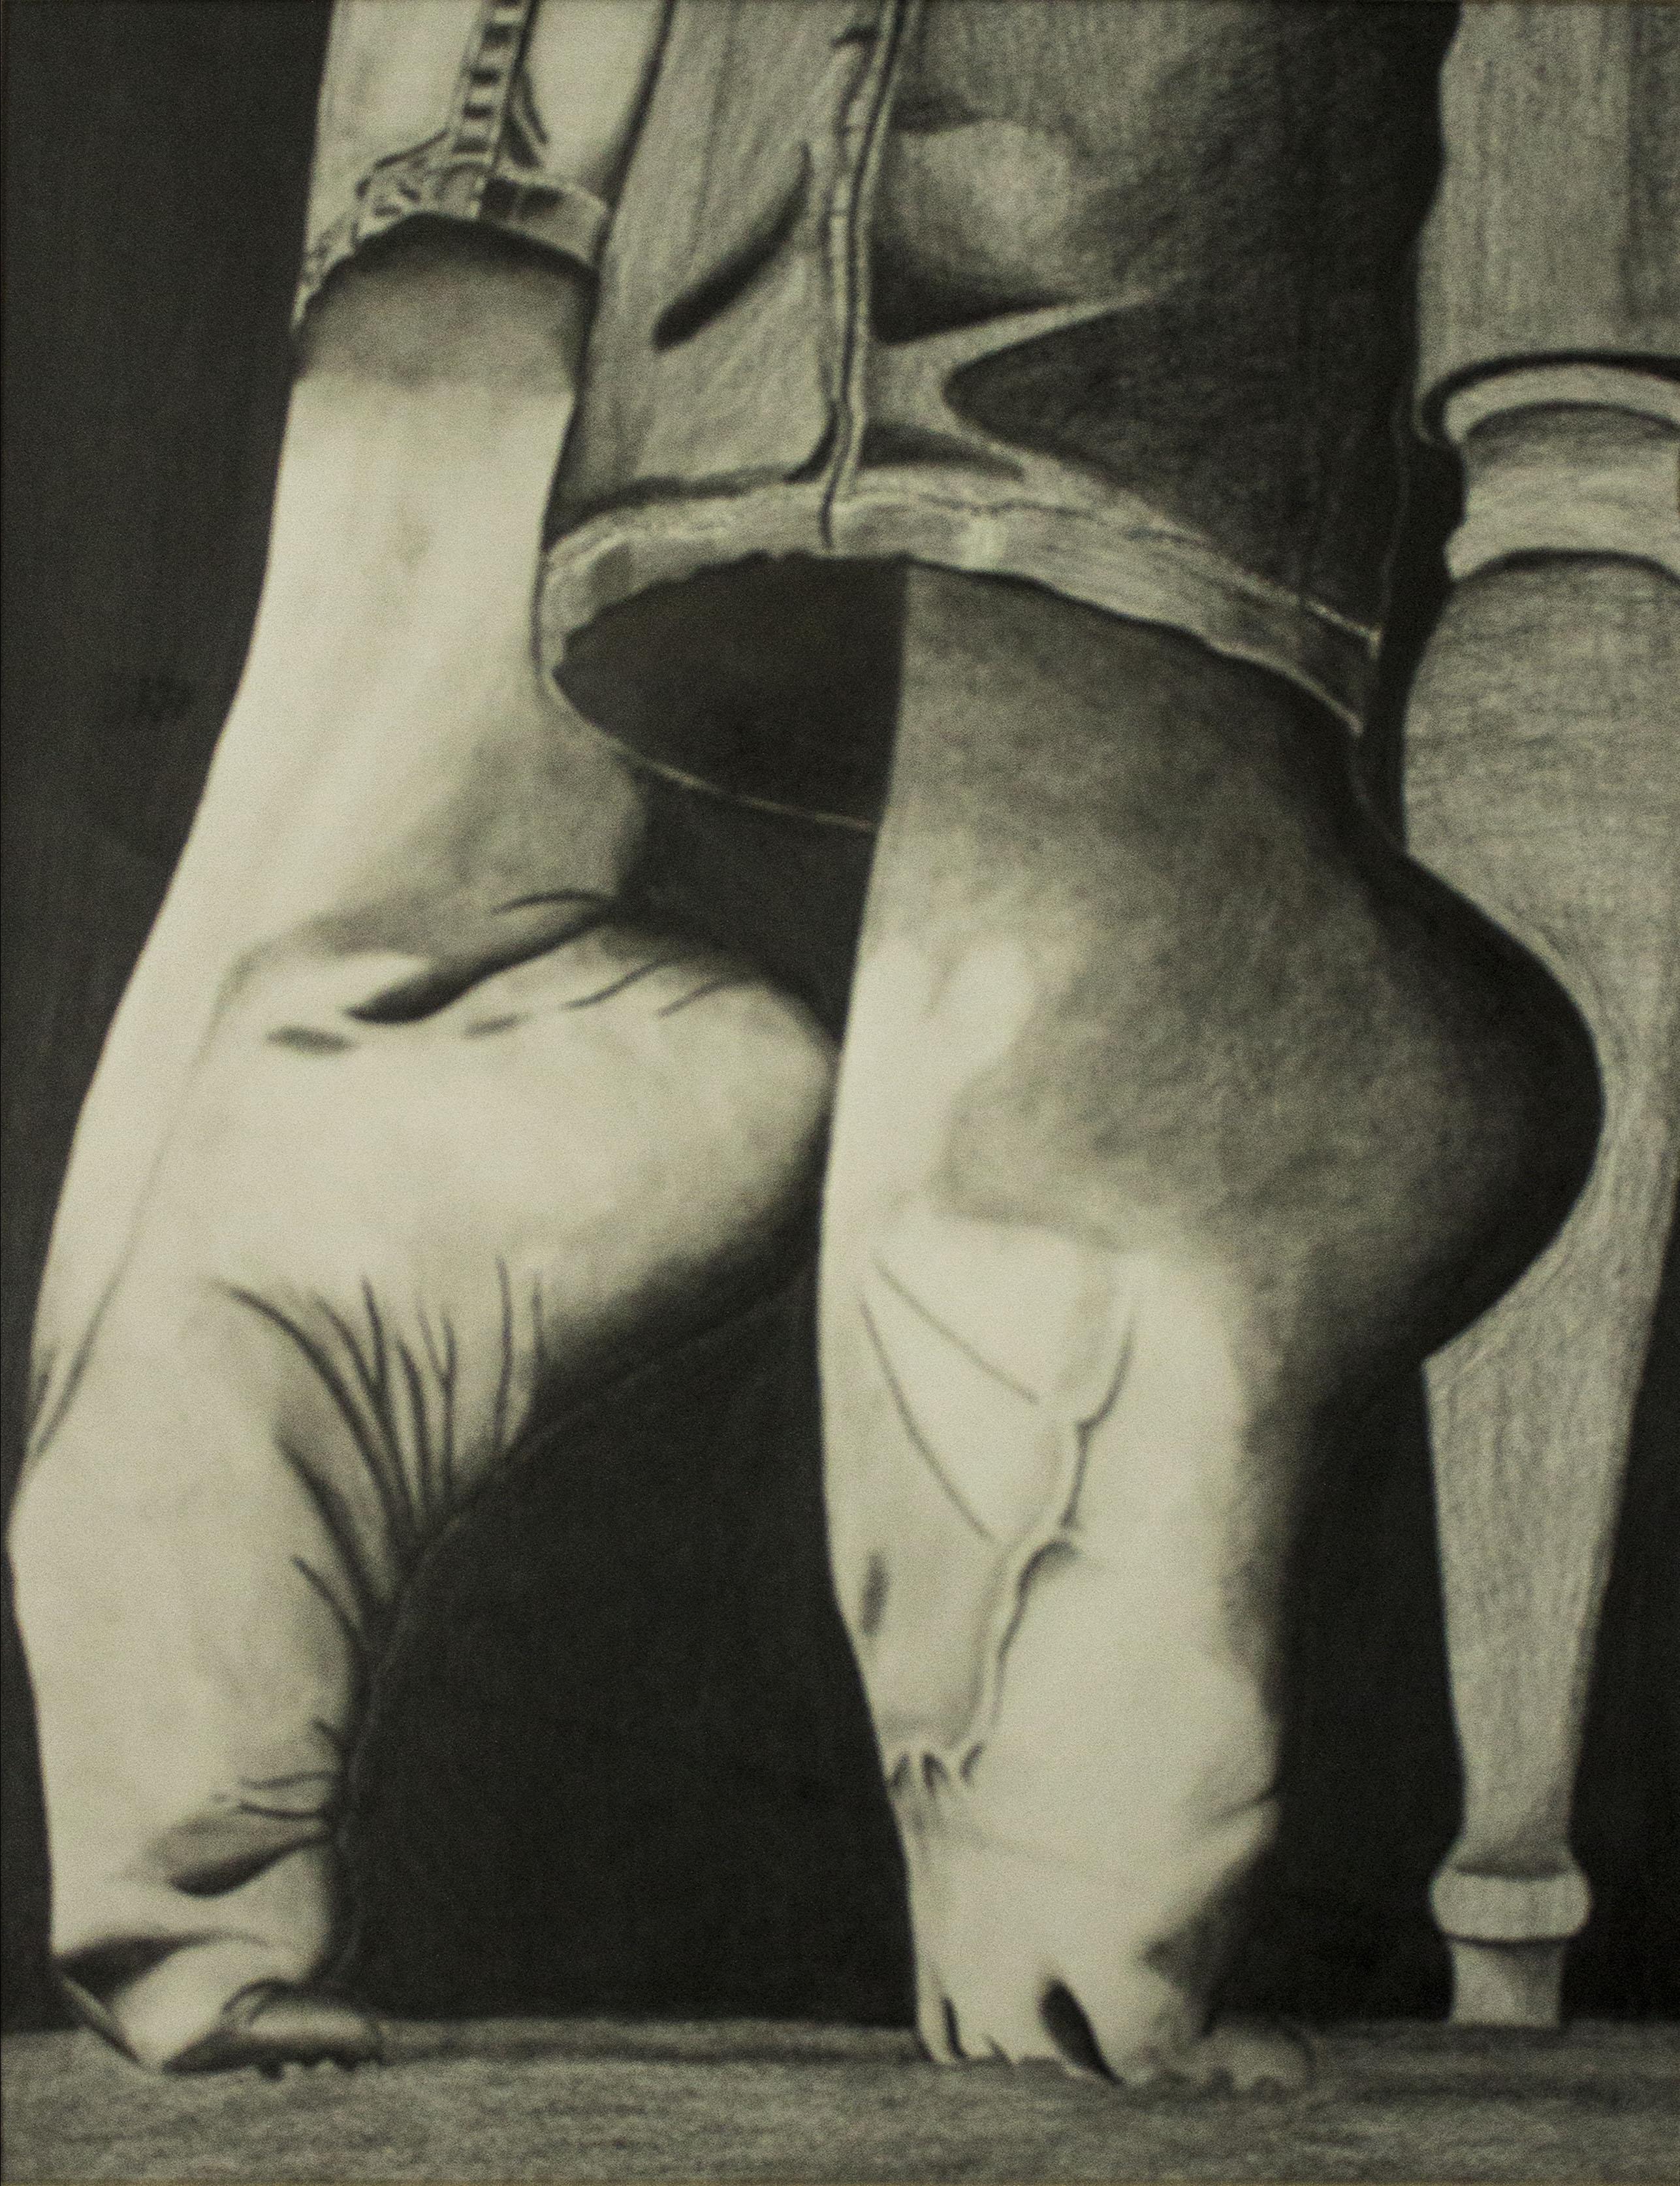 2010. Feet Still Life